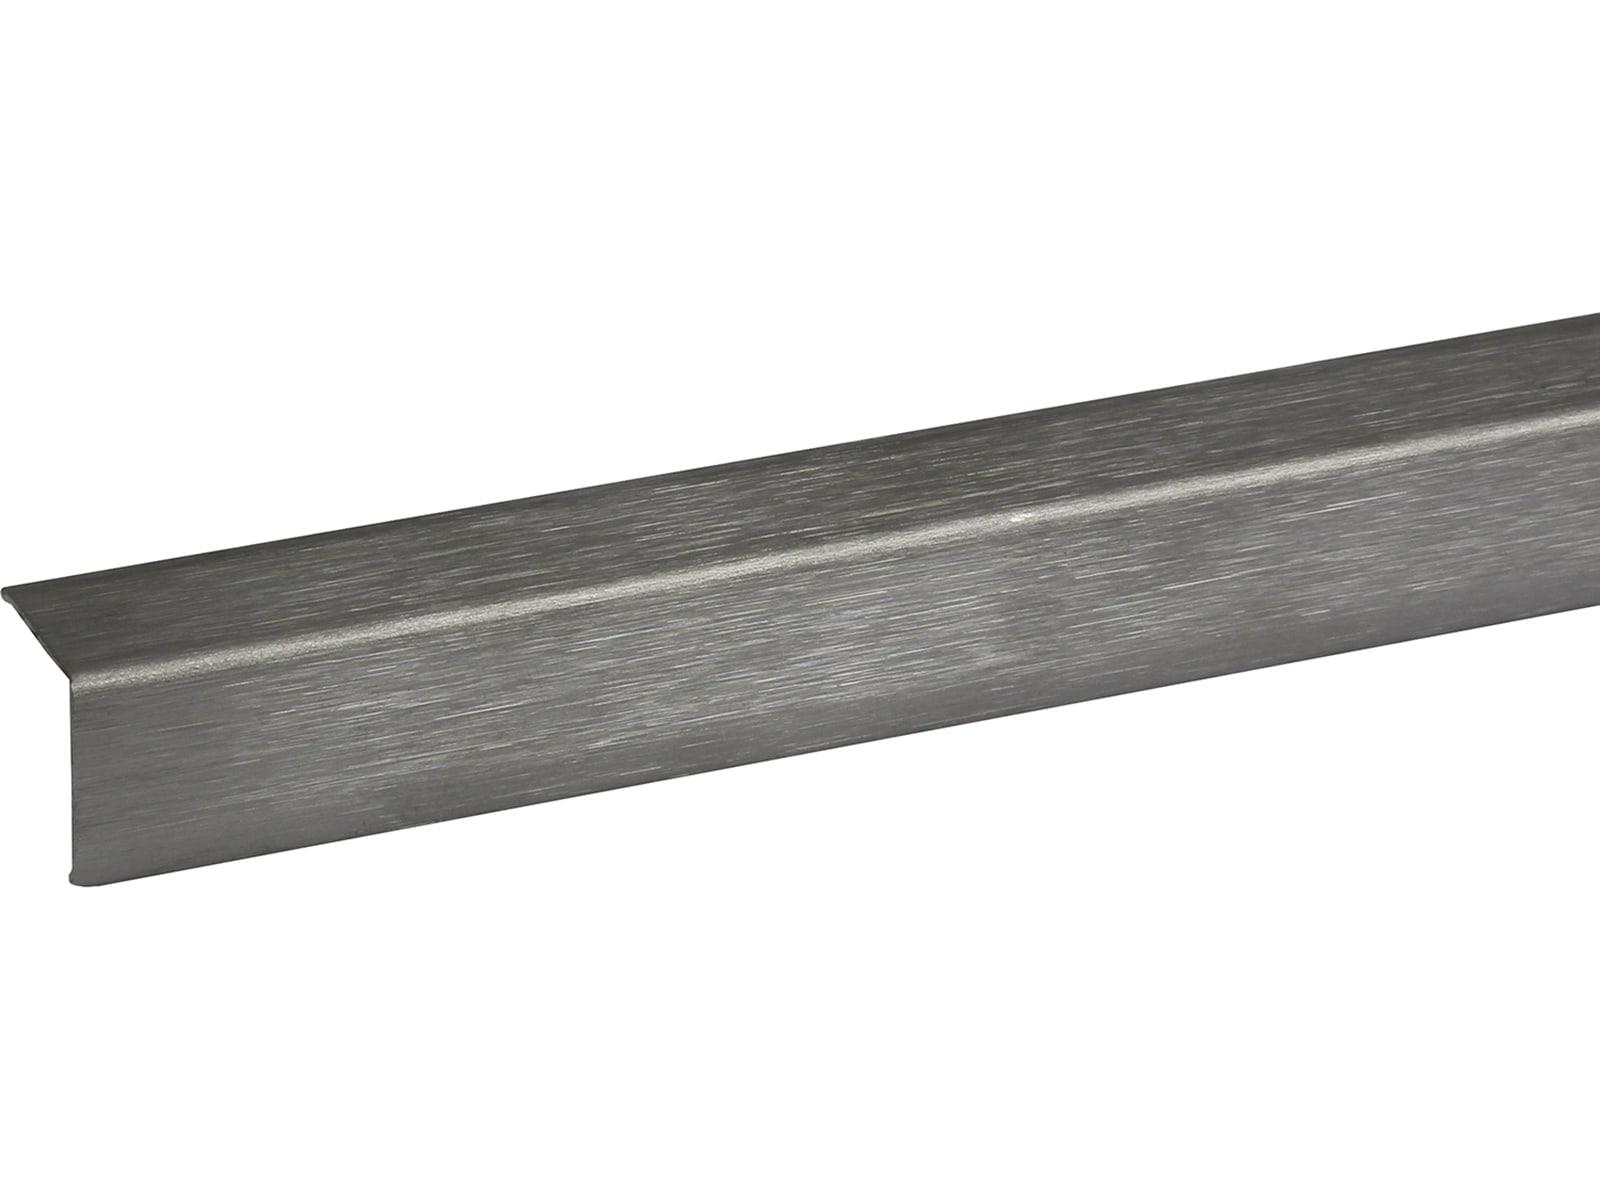 Pisla 20x20 mm ruostumaton teräs kulmalista